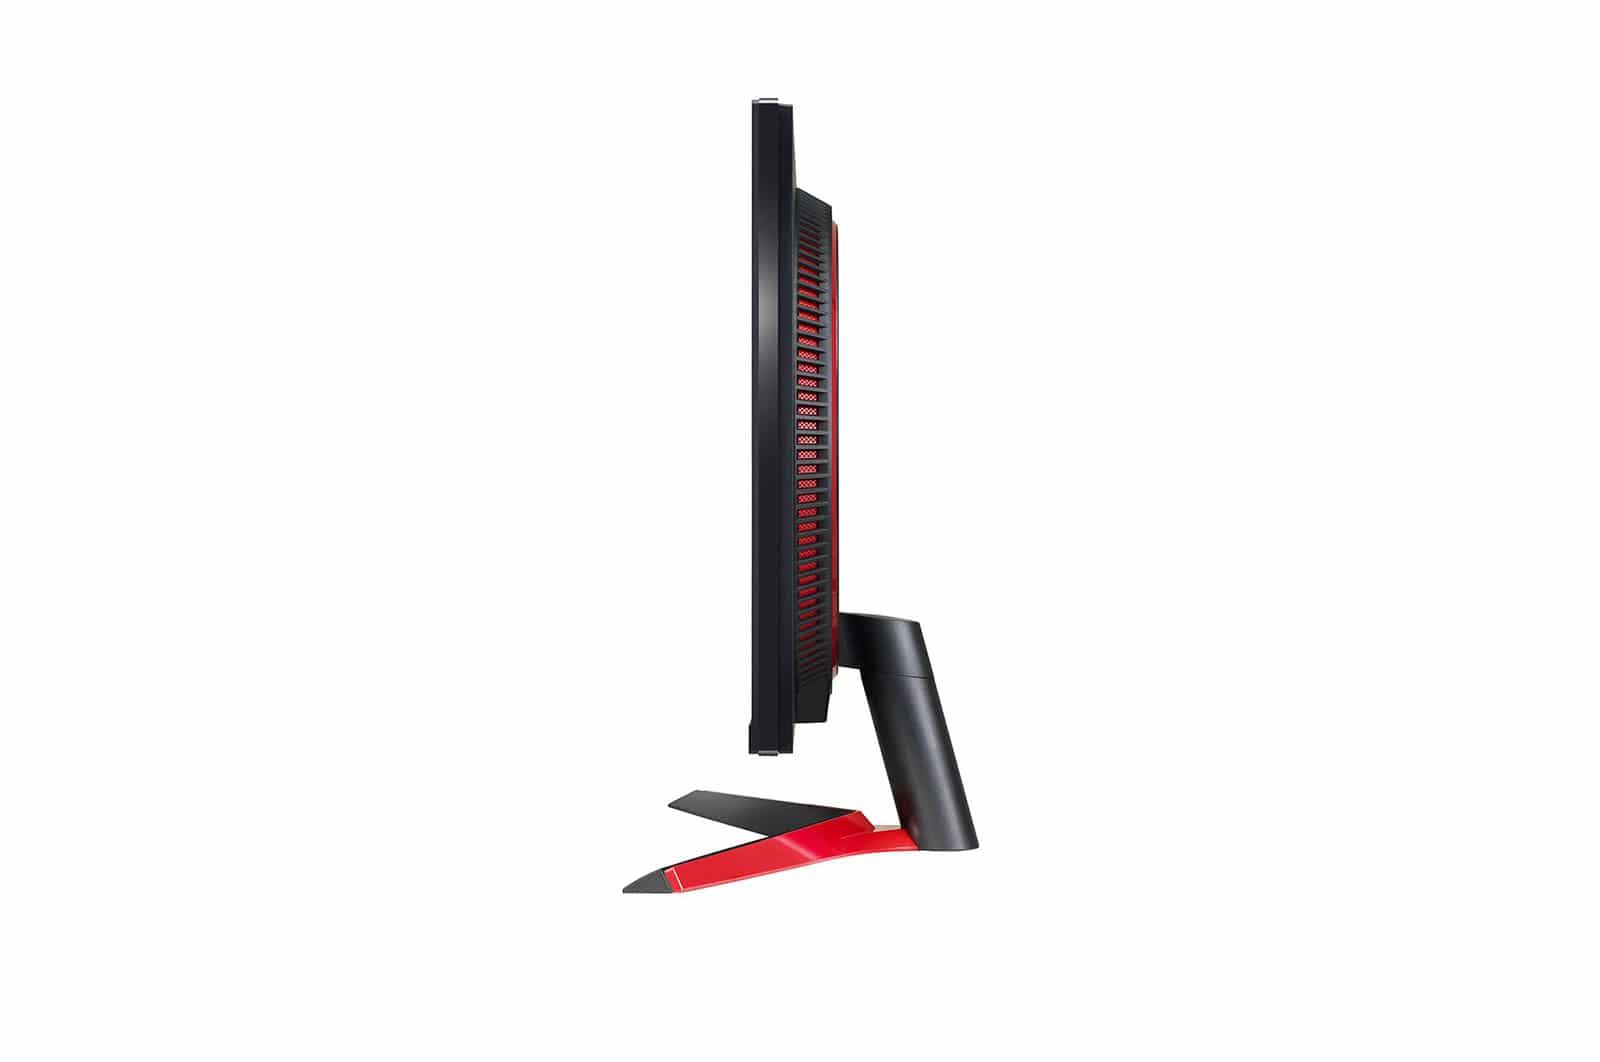 Màn hình máy tính LG UltraGear 27'' IPS QHD 144Hz 1ms (GtG) NVIDIA G-SYNC Compatible HDR 27GN800-B - Hàng Chính Hãng